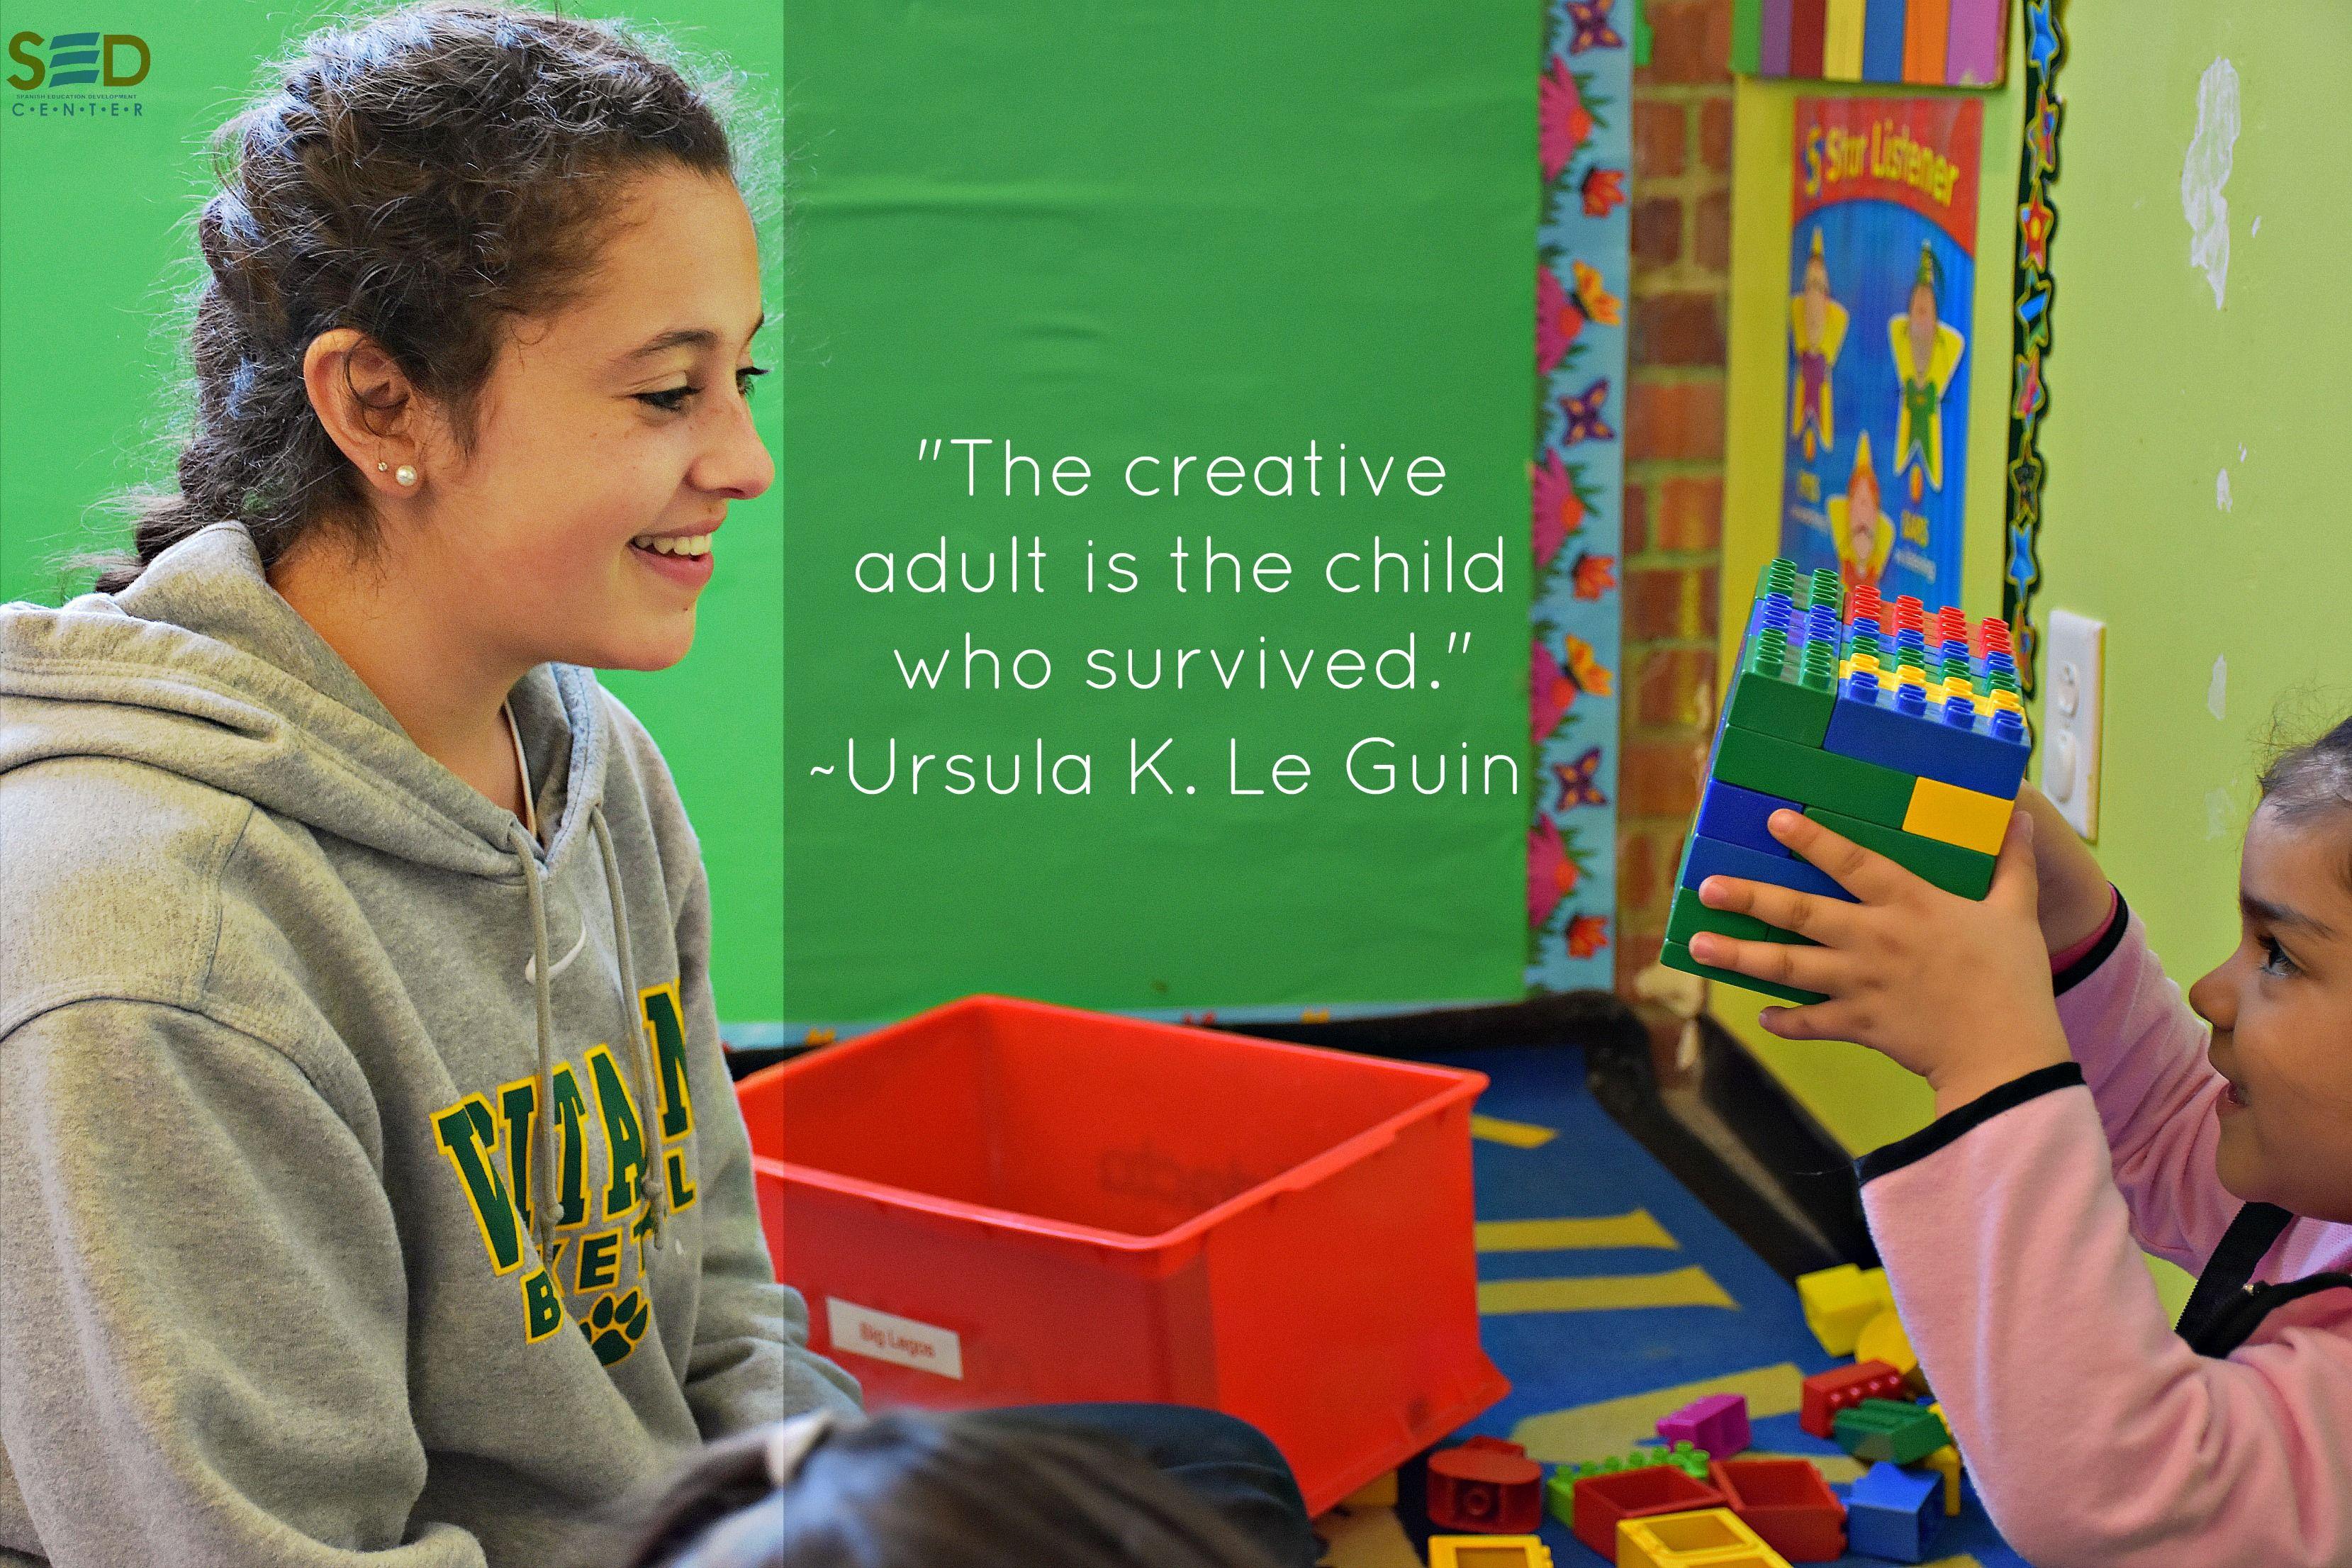 """""""El adulto creativo es el niño que sobrevivió."""" - Ursula K. Le Guin #aCreativeDC #SEDCenter #DailyQuote #UrsulaKLeGuin #UrsulaKLeGuinQuotes #Petworth"""